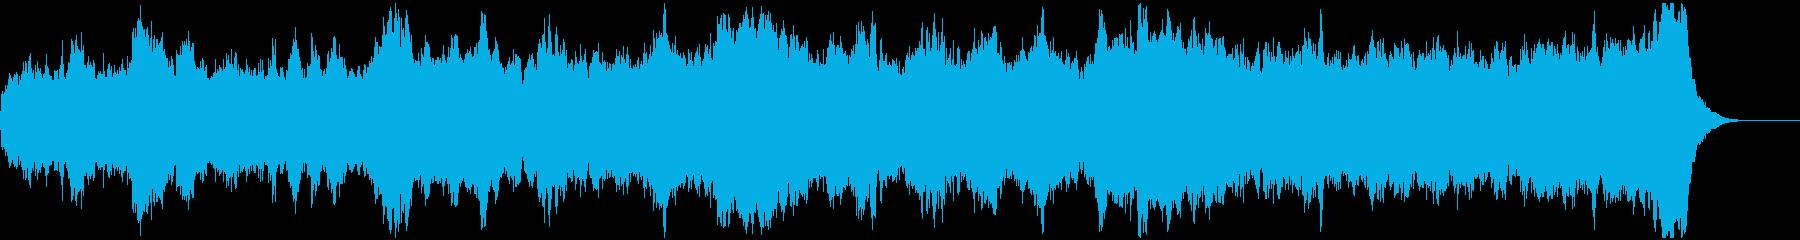 パイプオルガンの前奏曲 バッハ風の再生済みの波形